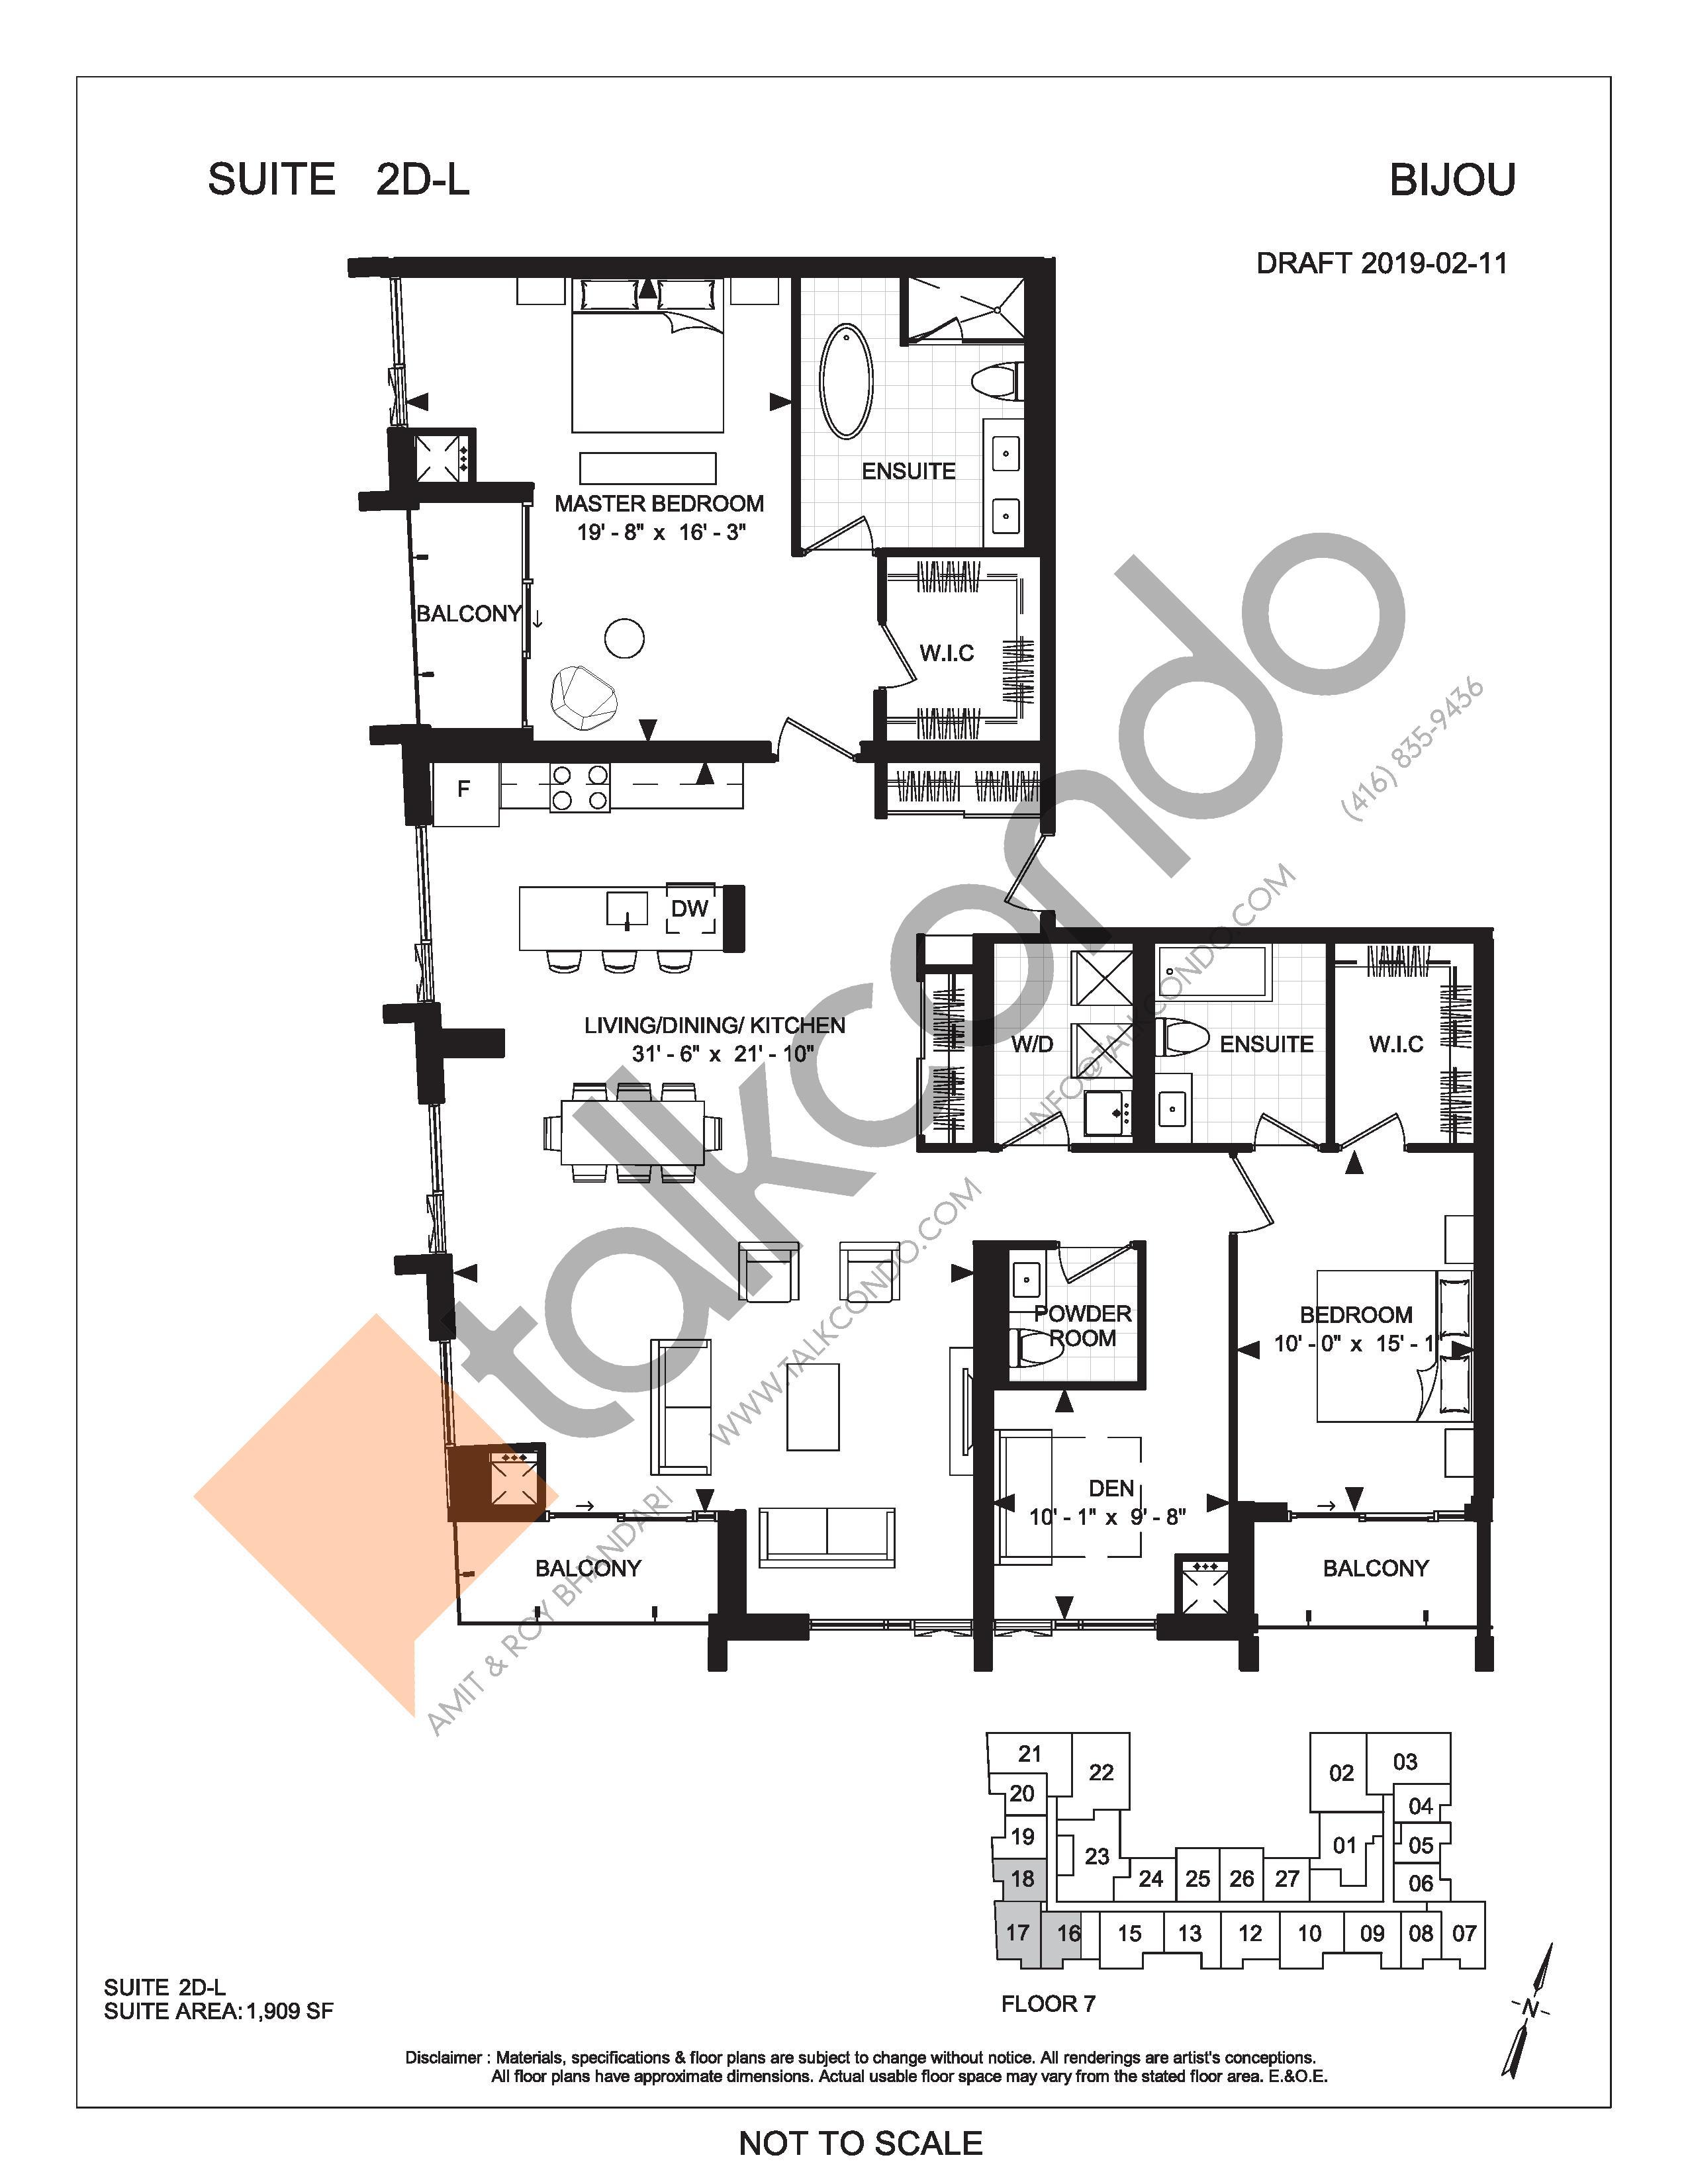 Suite 2D-L Floor Plan at Bijou On Bloor Condos - 1909 sq.ft